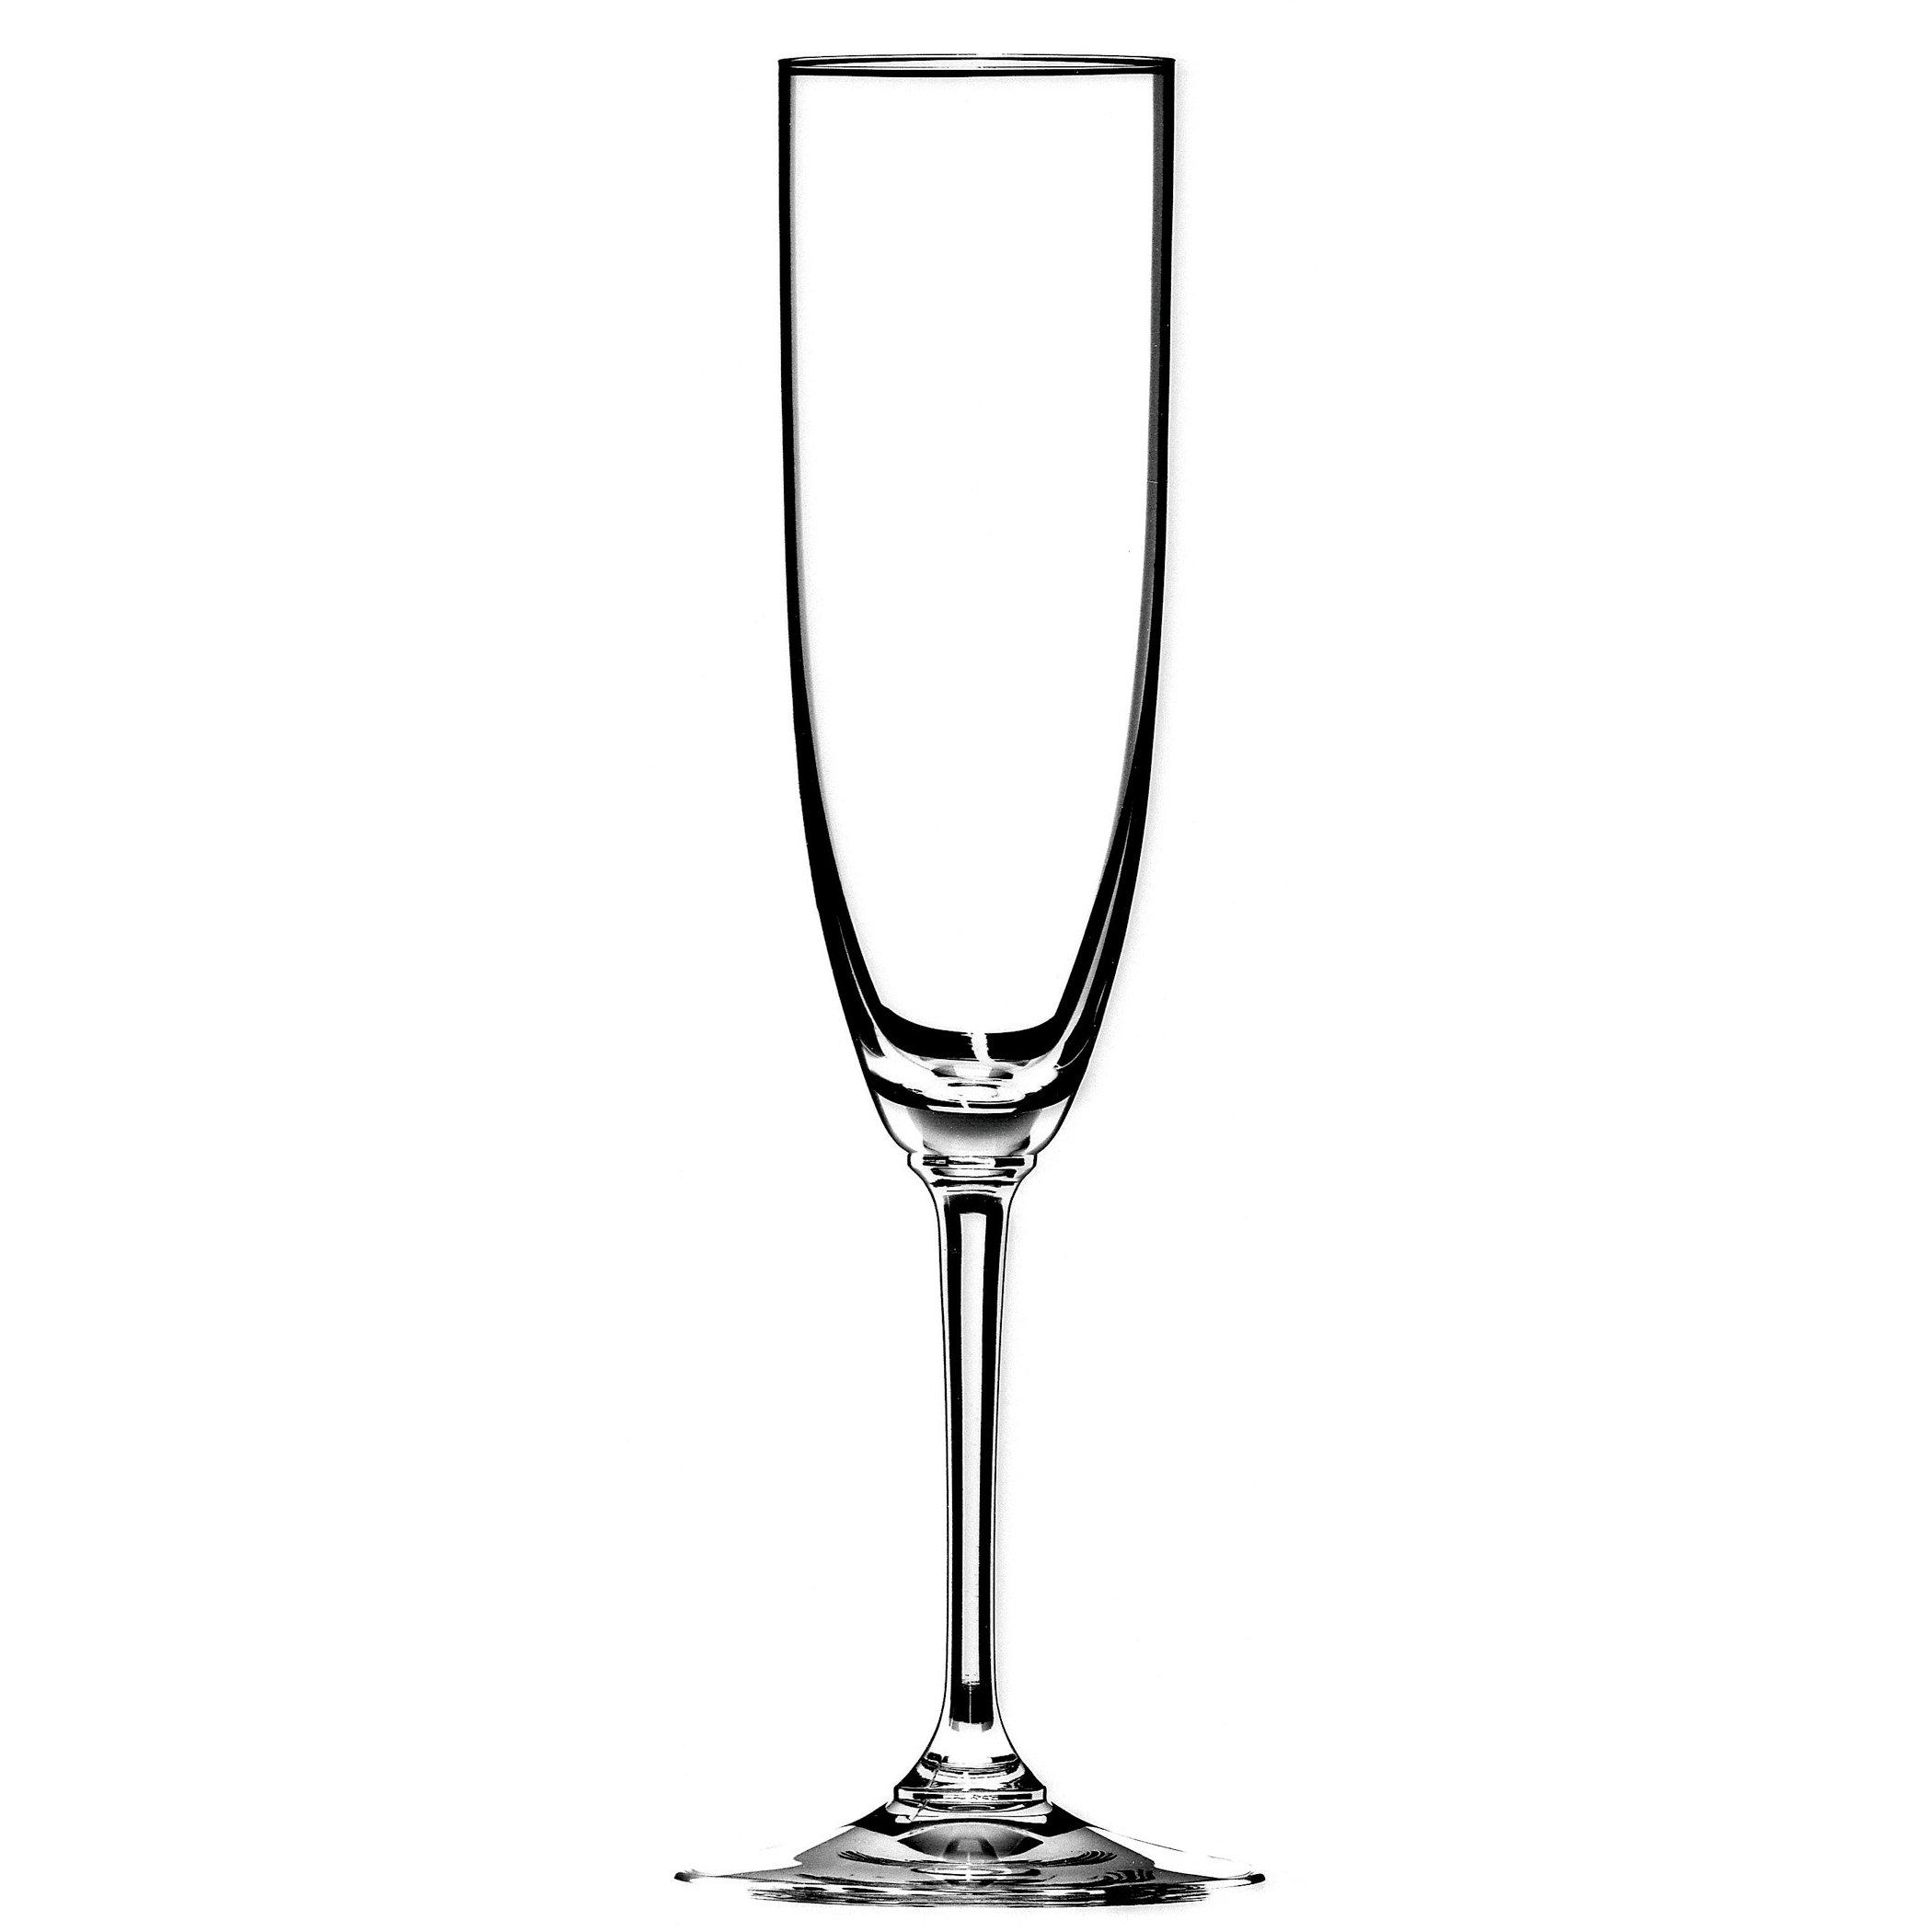 Riedel Vinum Leaded Crystal Champagne Flute, Set of 4